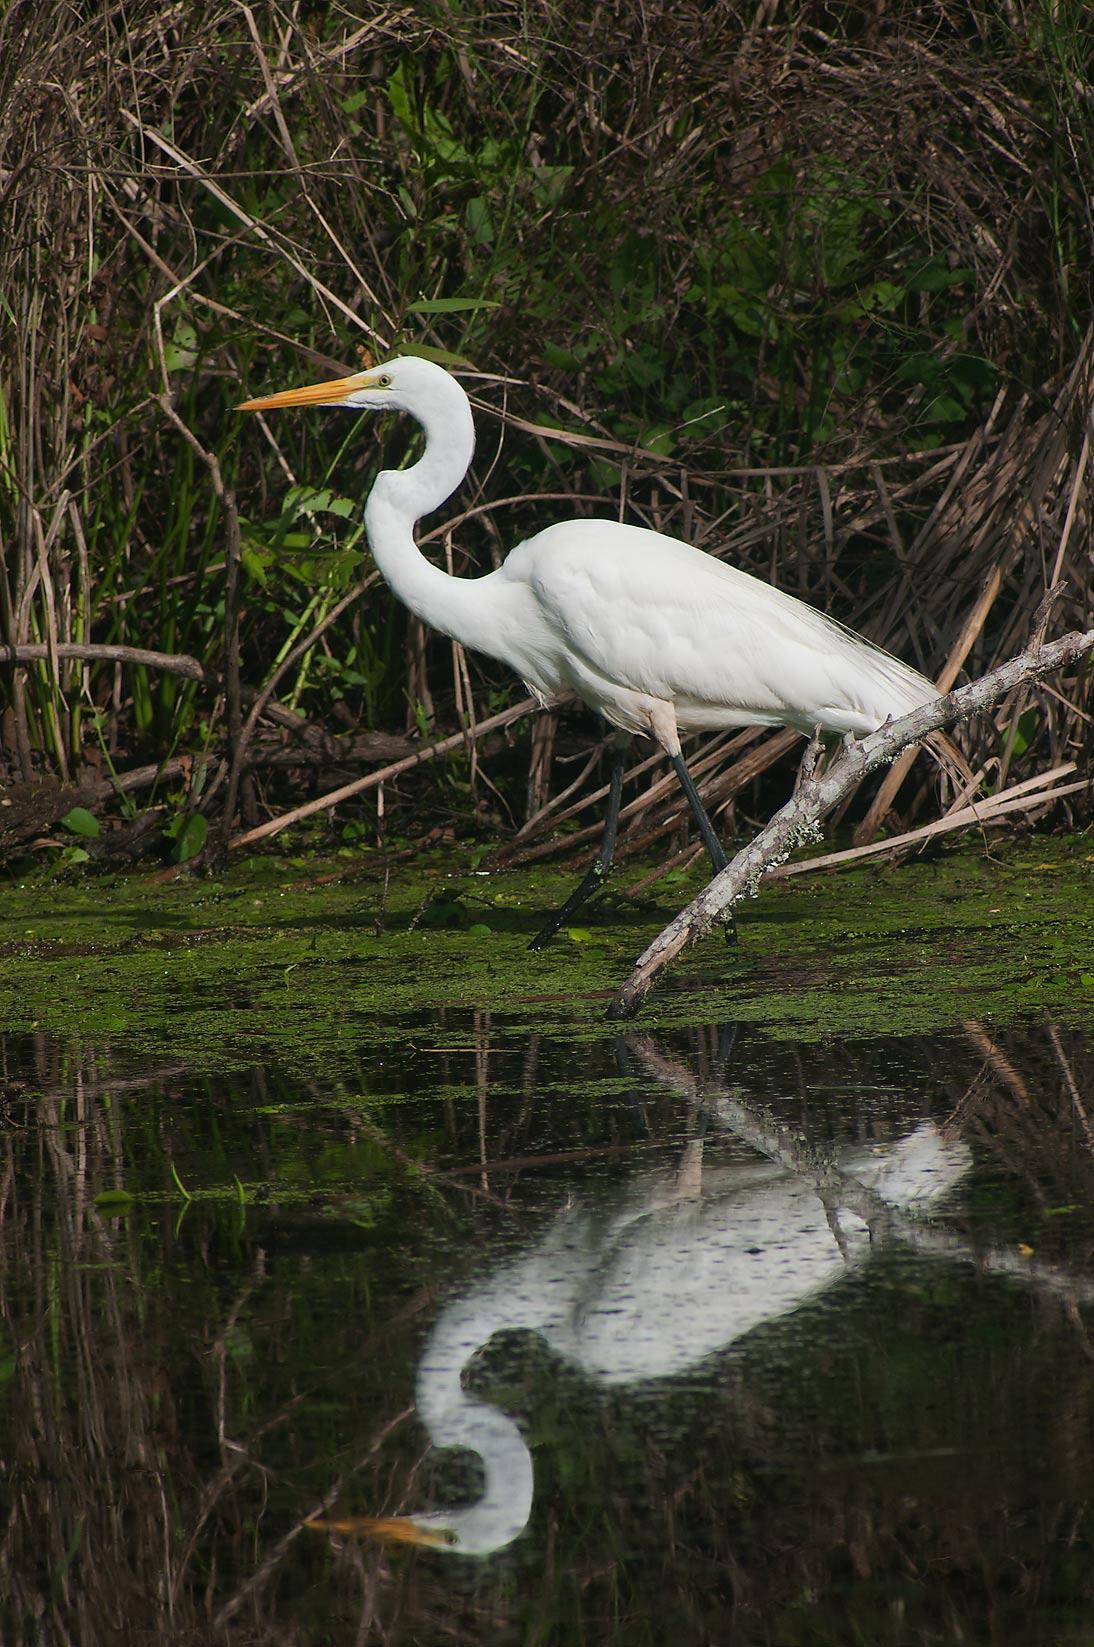 Photo 1066-02: Great white egret (Ardea alba) bird in ...